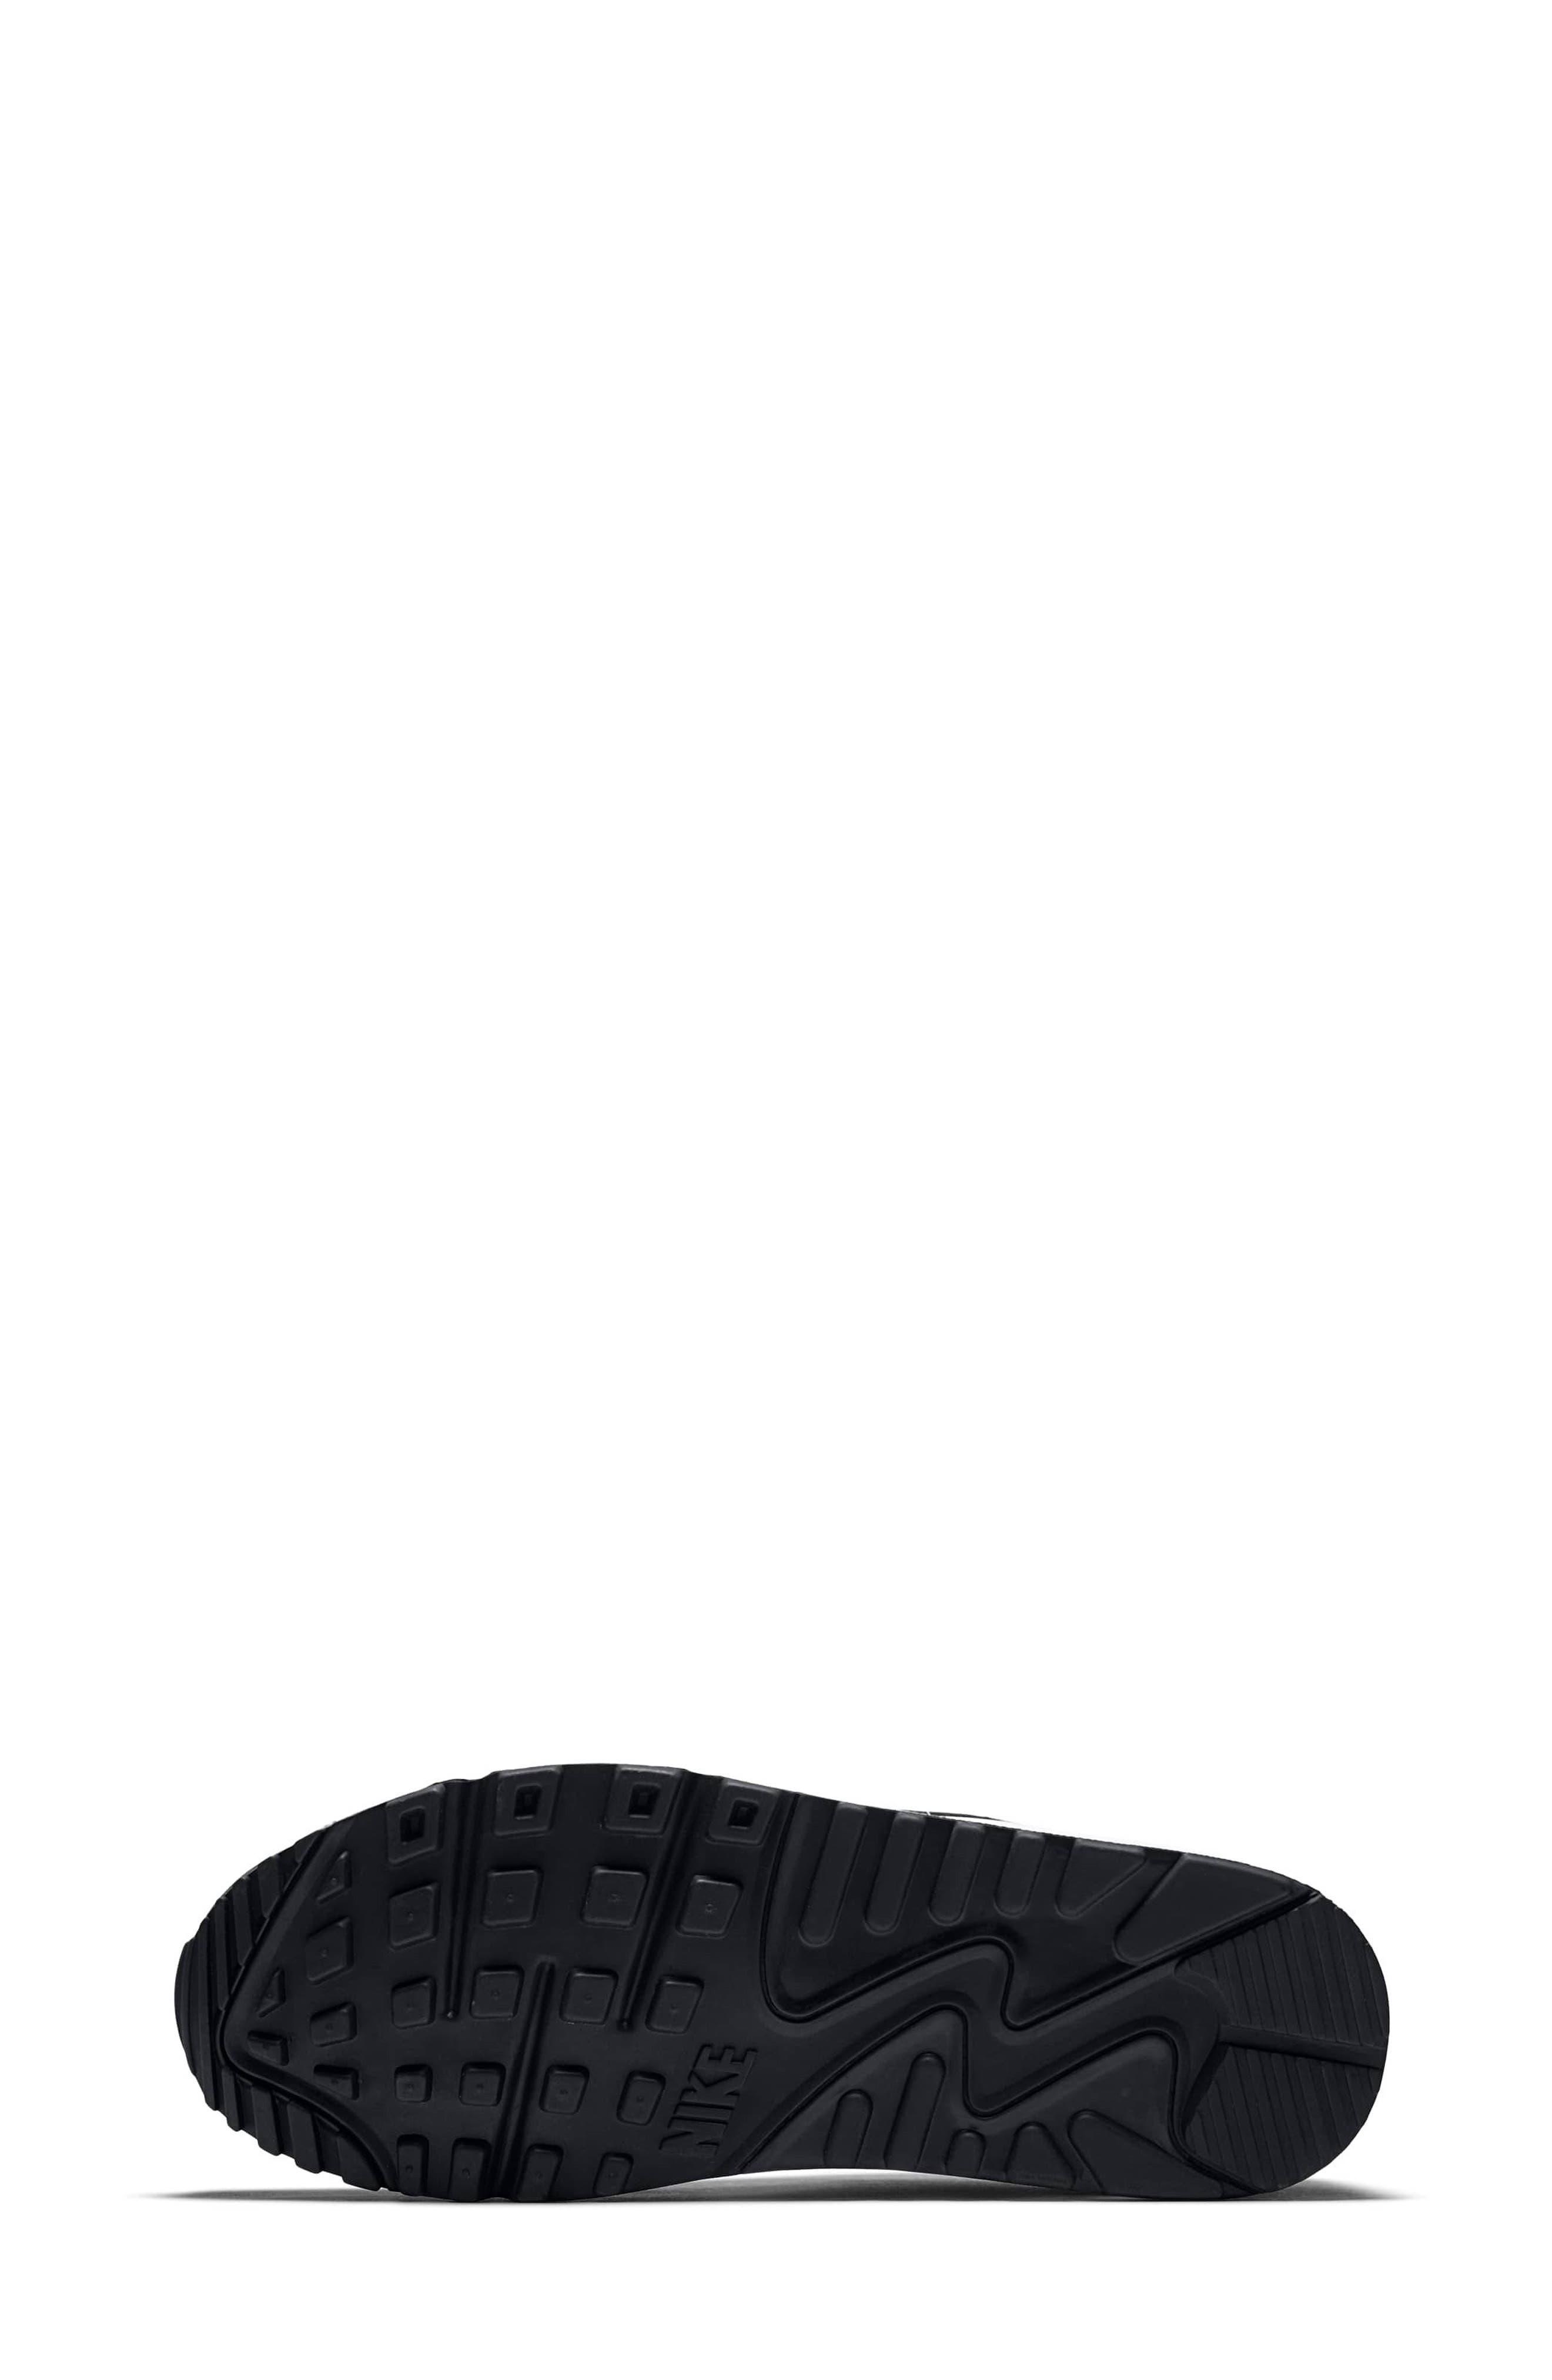 Air Max 90 Pinnacle Sneaker,                             Alternate thumbnail 5, color,                             006